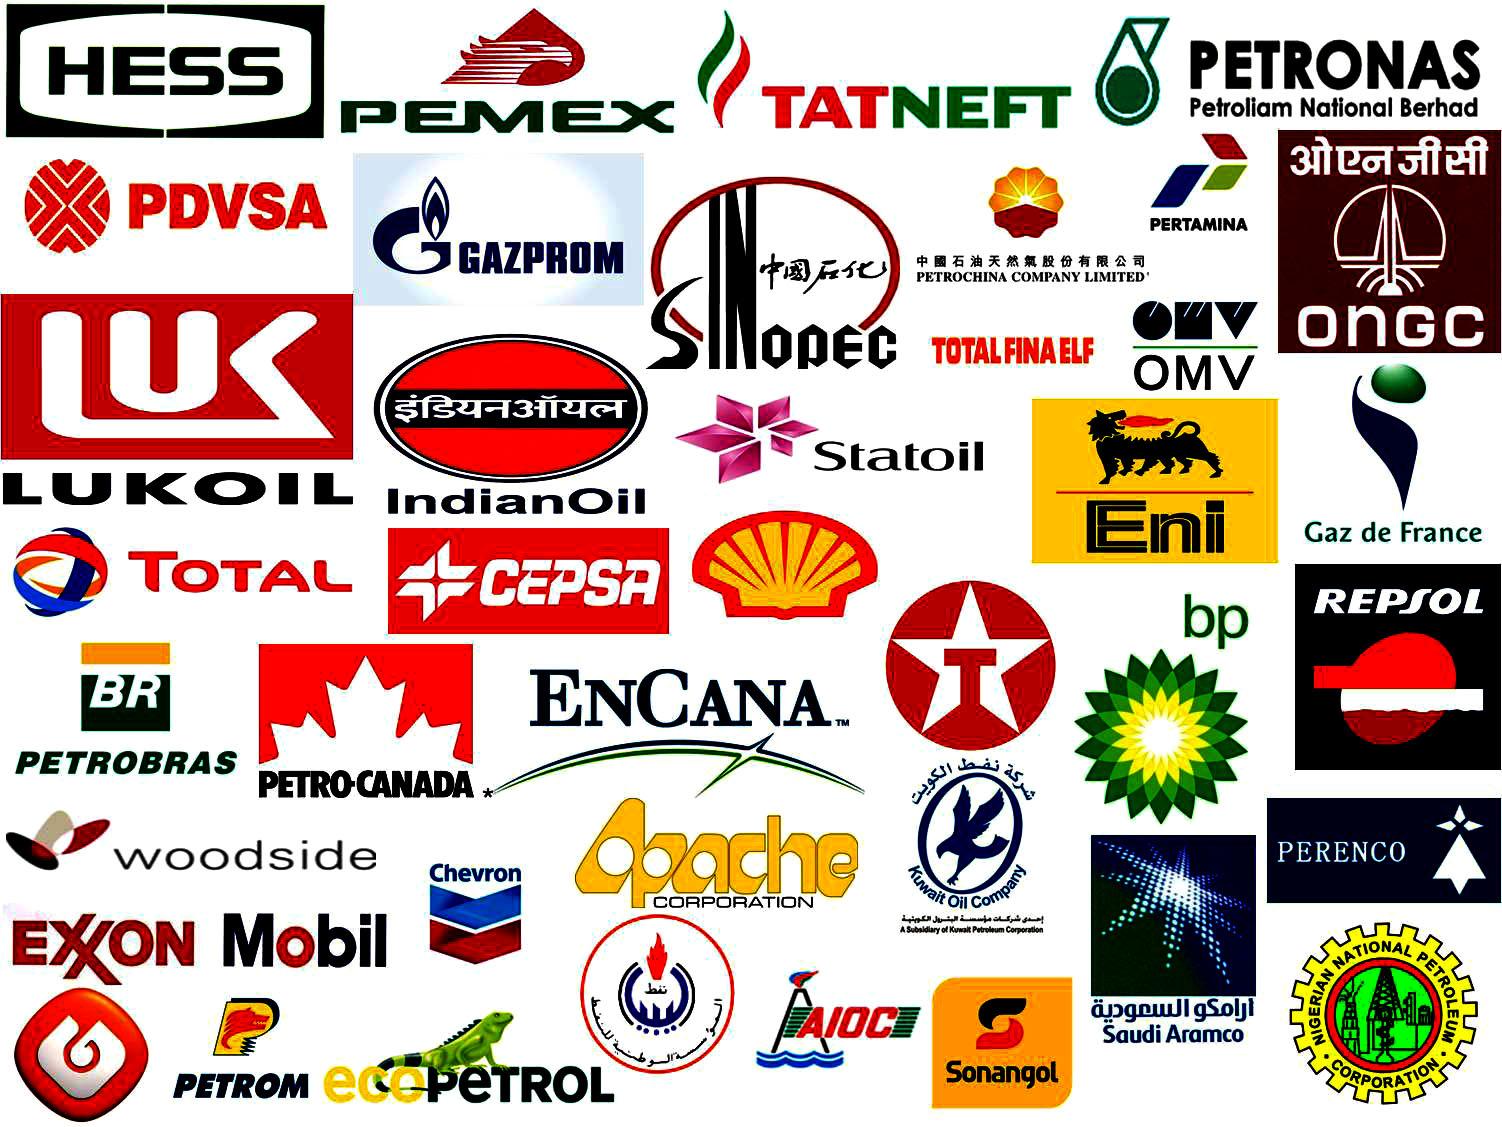 EFICIENCIA Y MERCADOS ENERGÉTICOS: Petróleo y Gas Natural